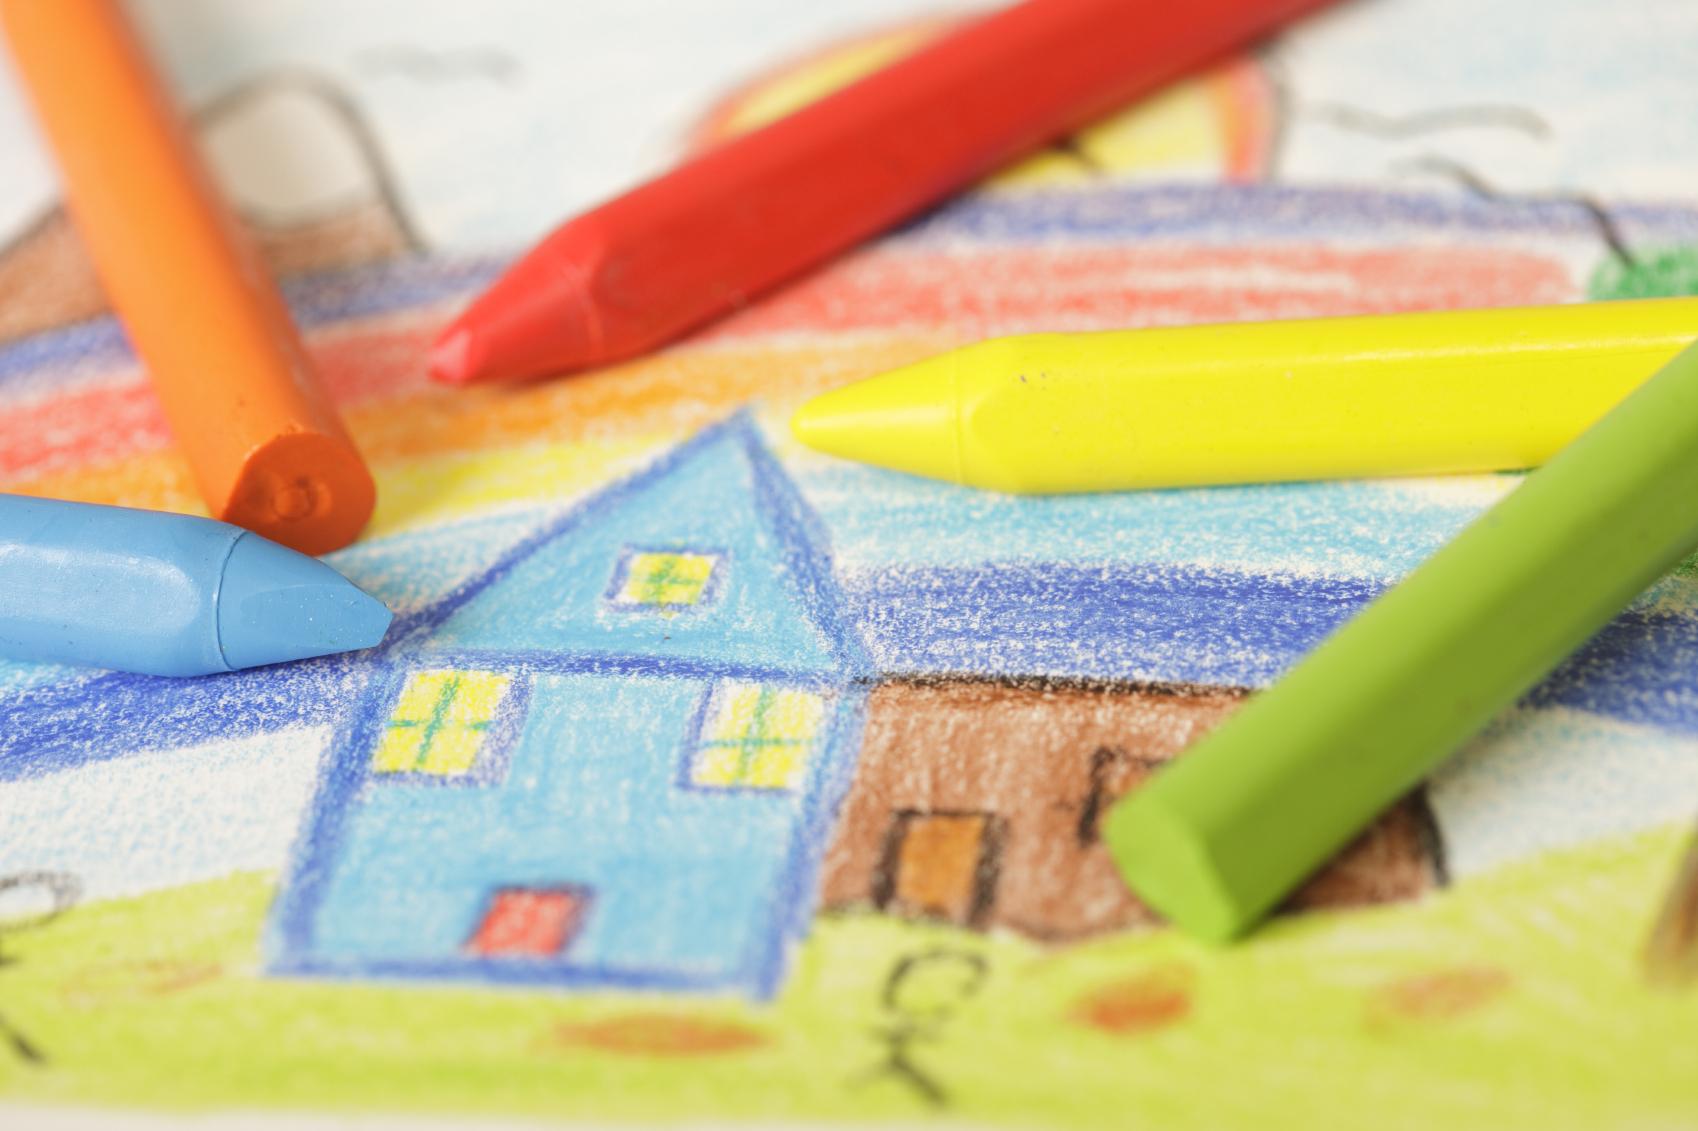 Idées D'activités À Proposer En Garderie - Portail Famille intérieur Idées Activités Tap Primaire